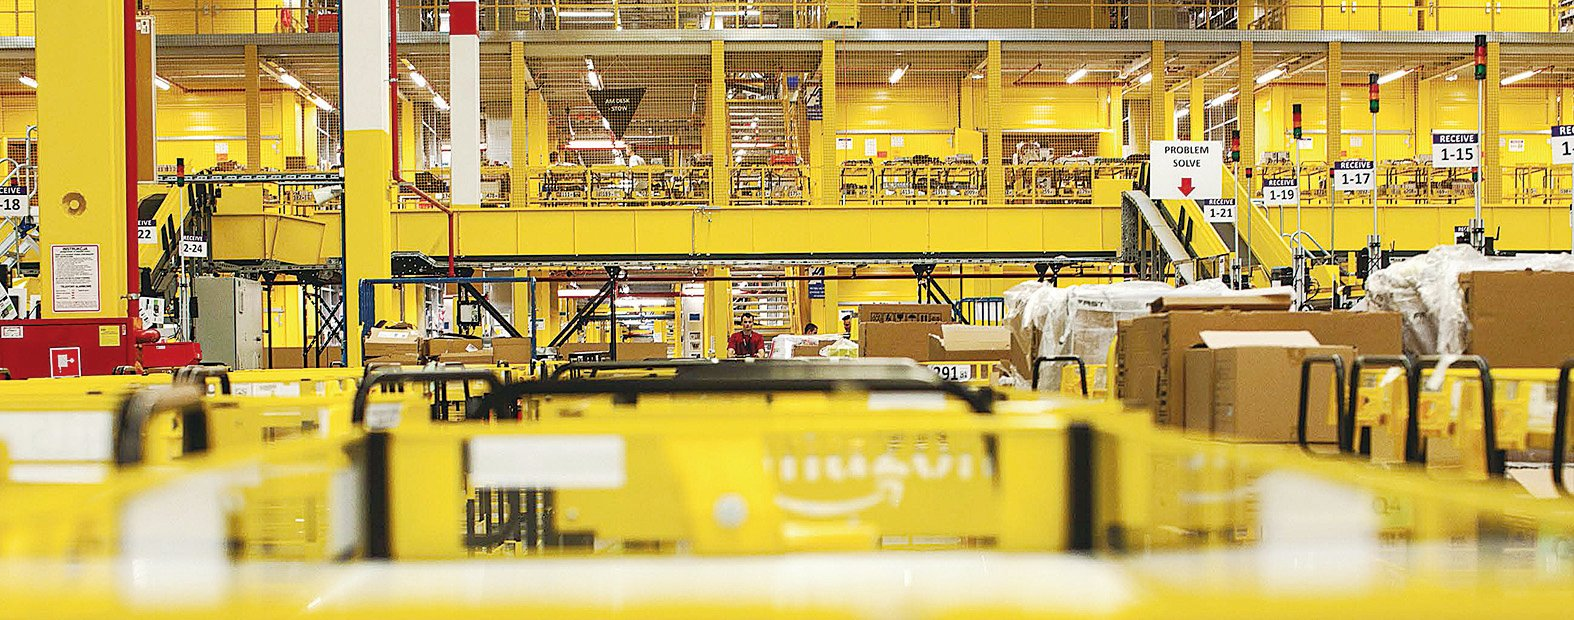 亞馬遜公司的貨倉。(大紀元資料圖片)